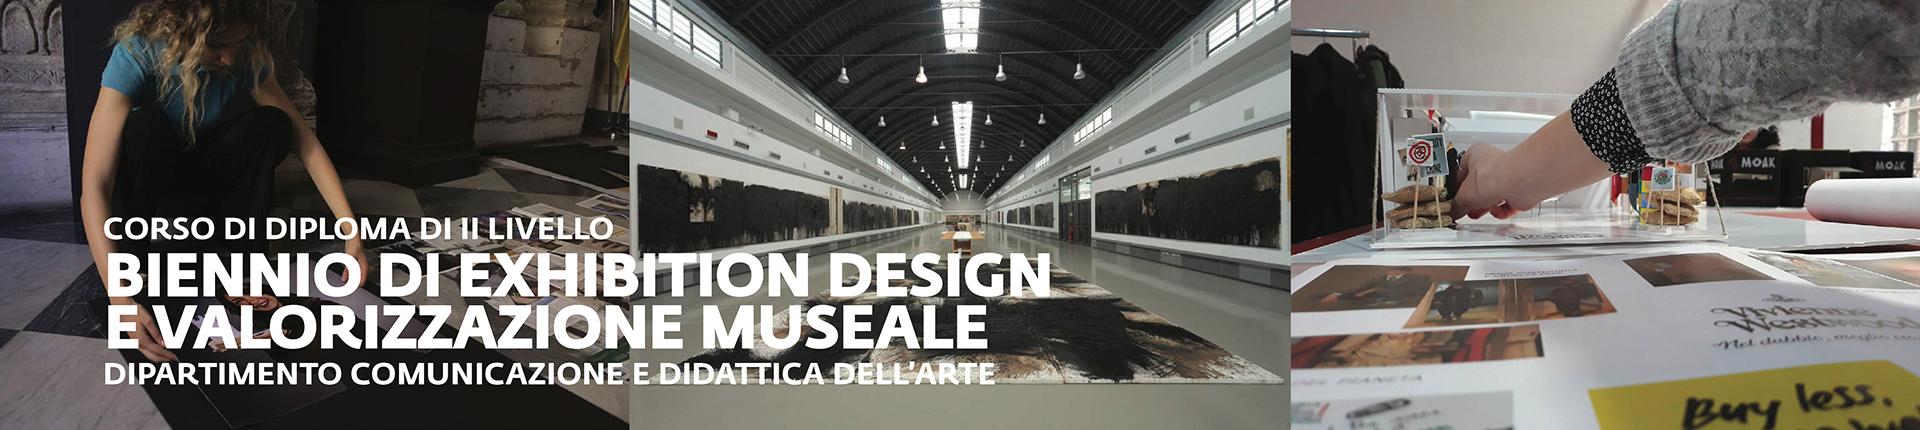 02_biennio-exhibit